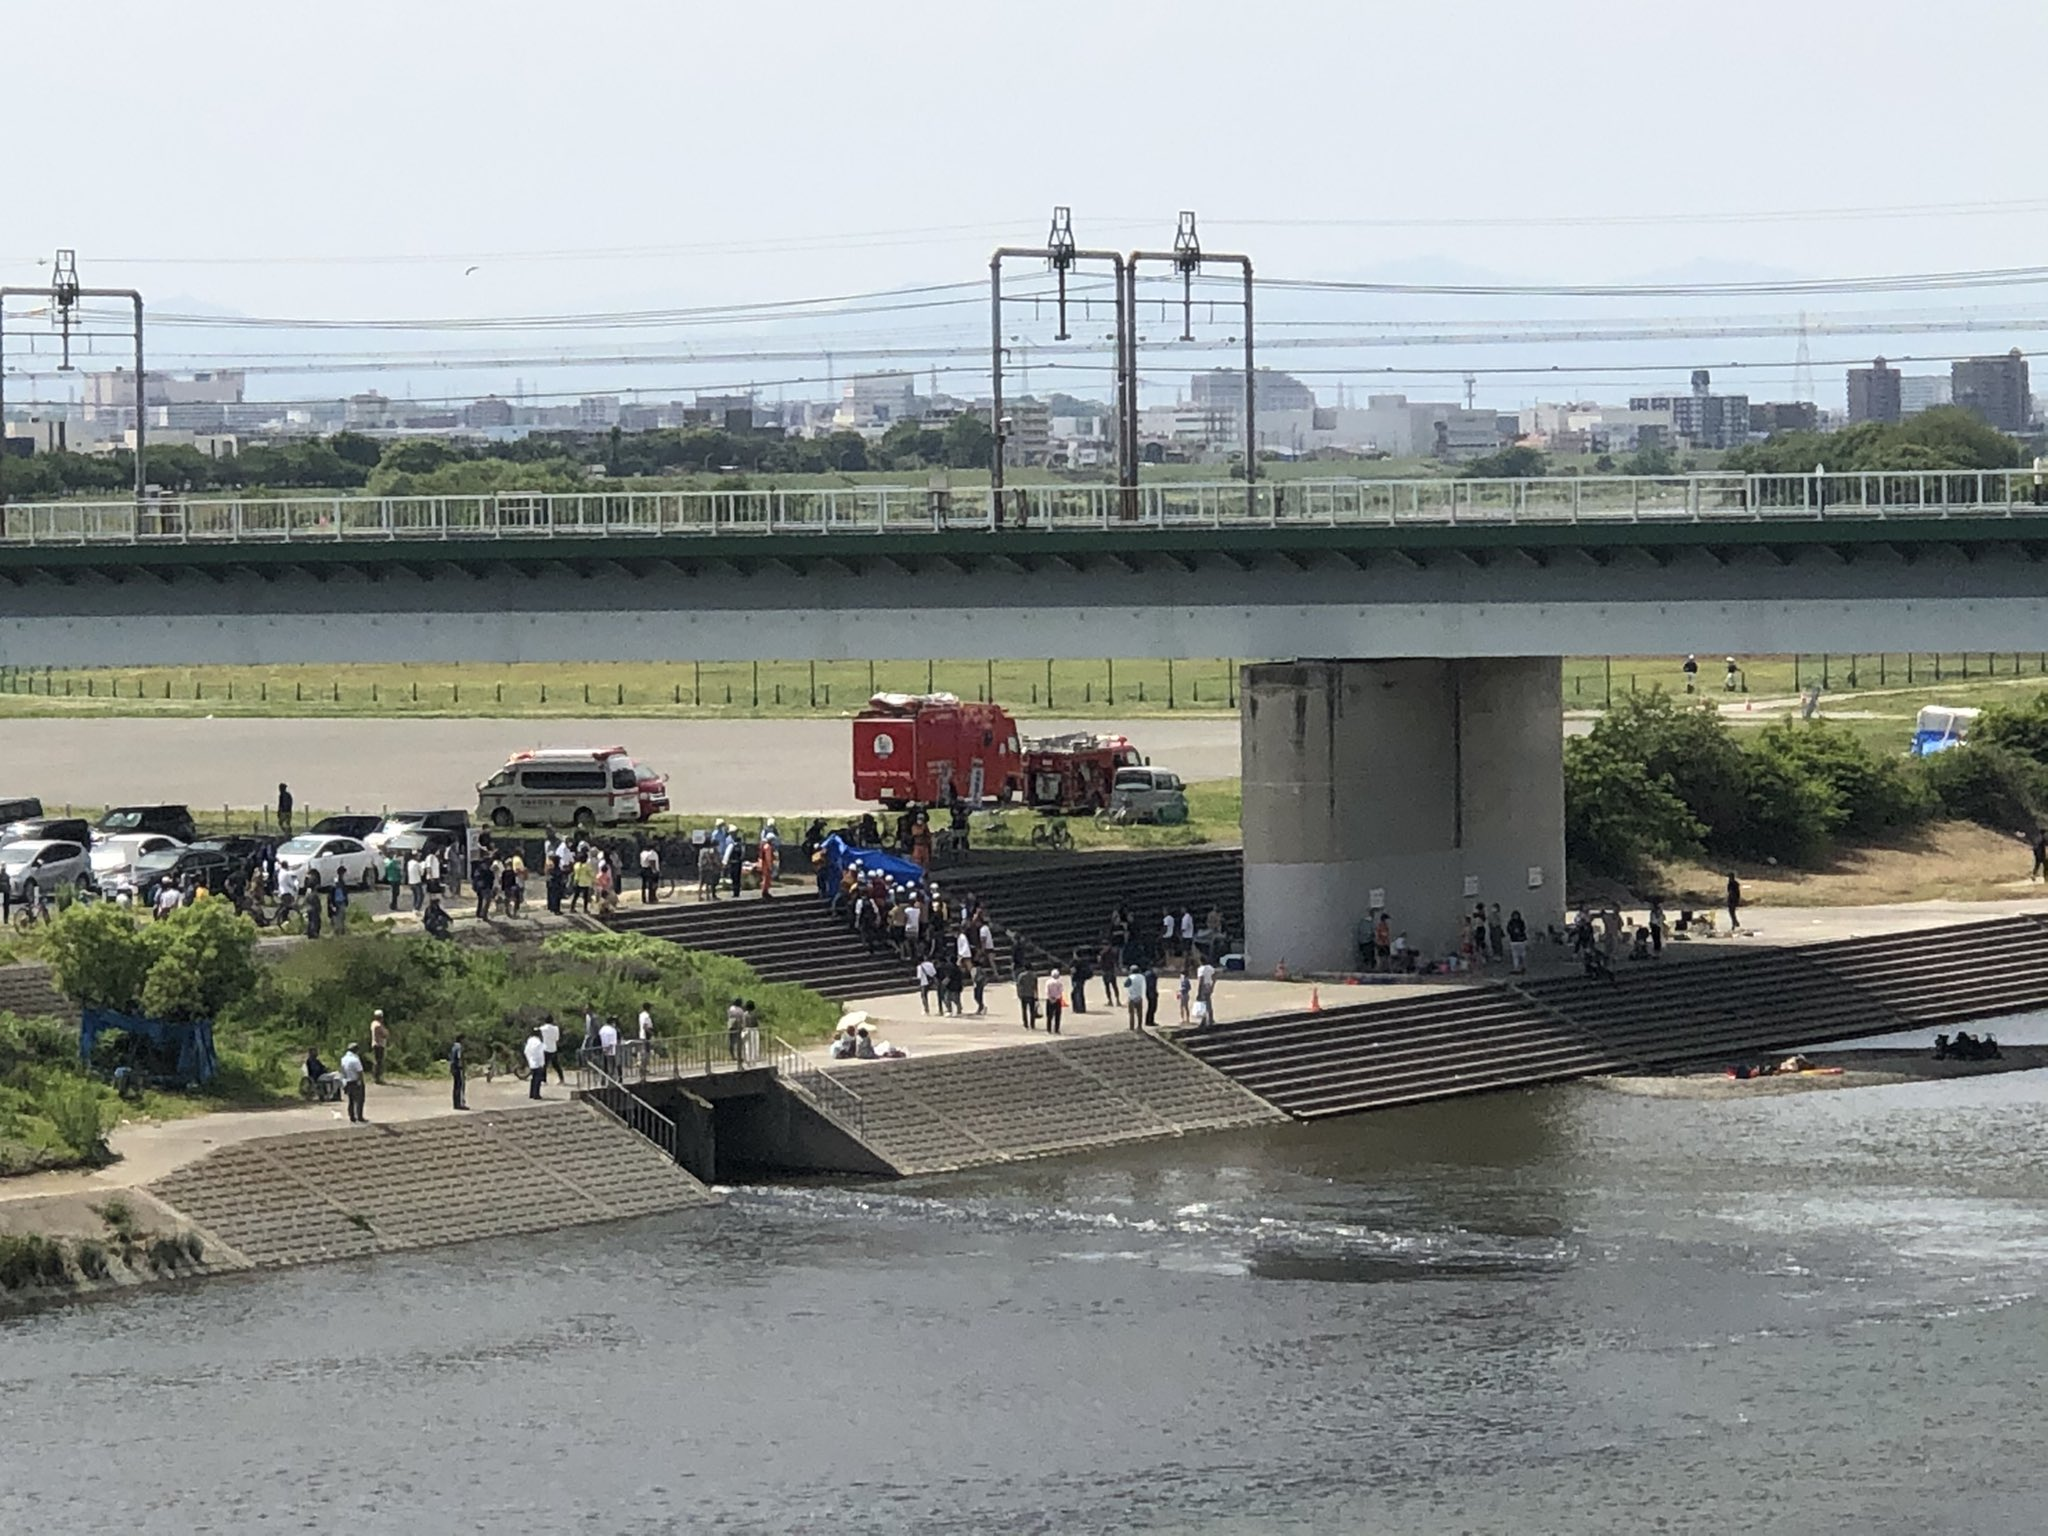 川崎市中原区の多摩川で水難事故が起きた現場の画像